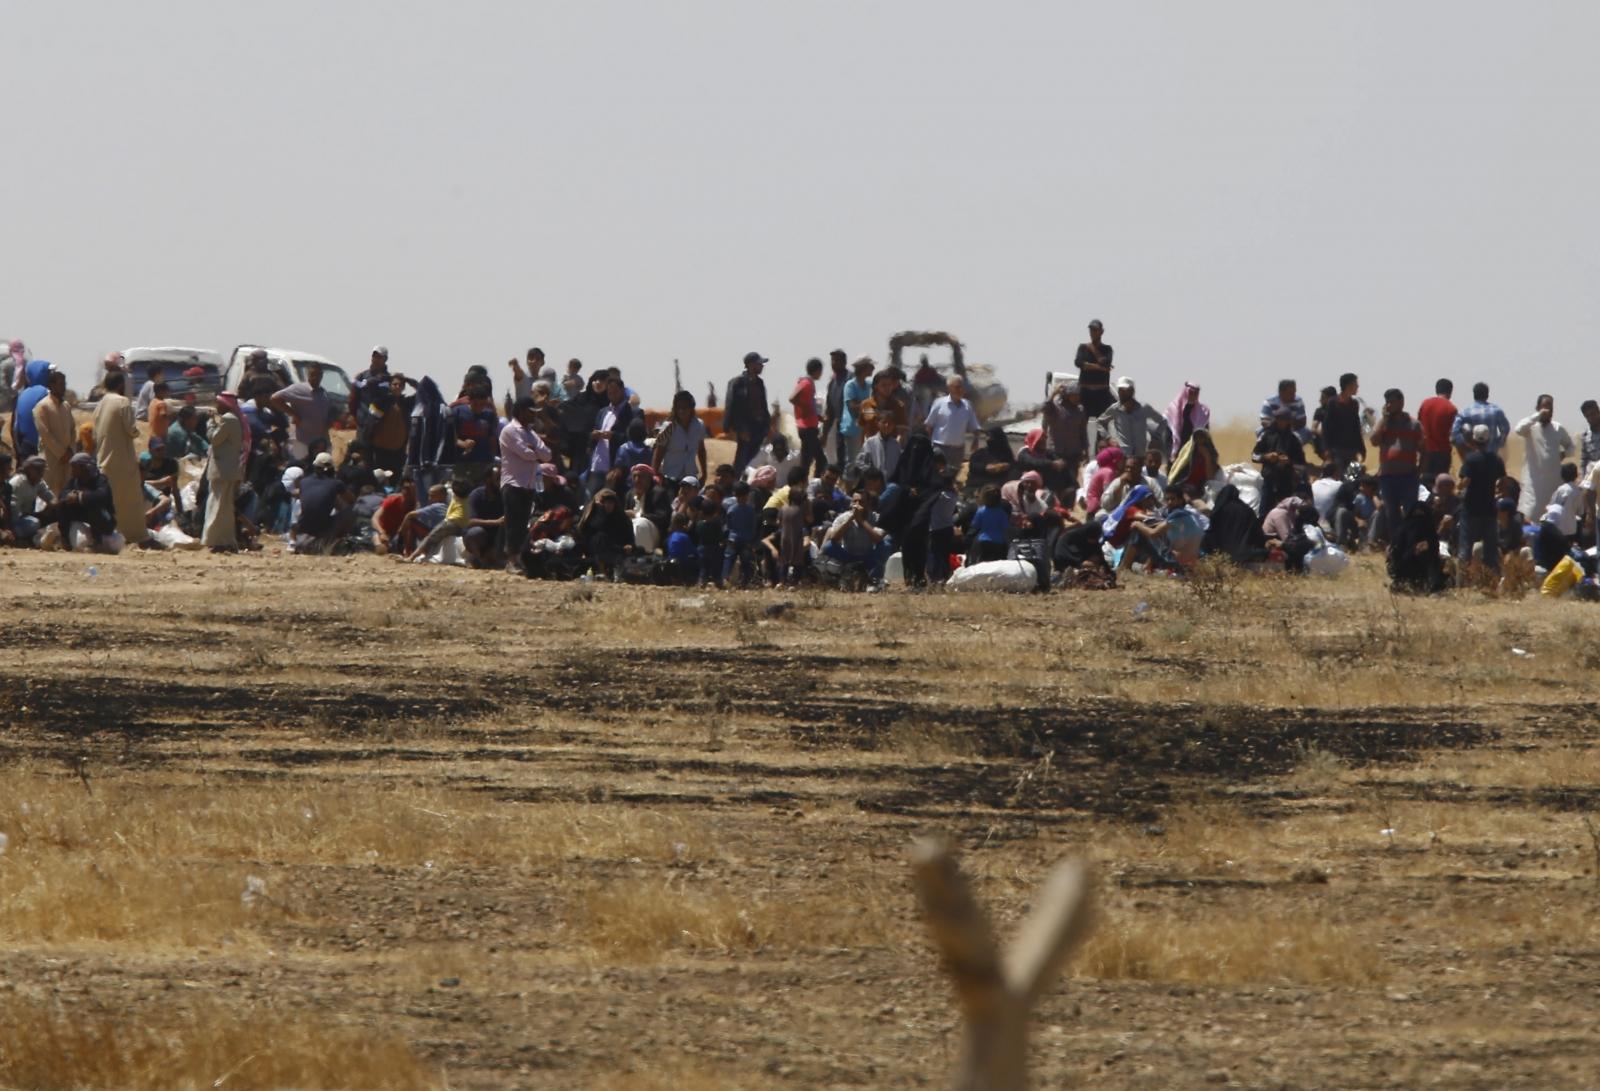 Syrian refugee figures